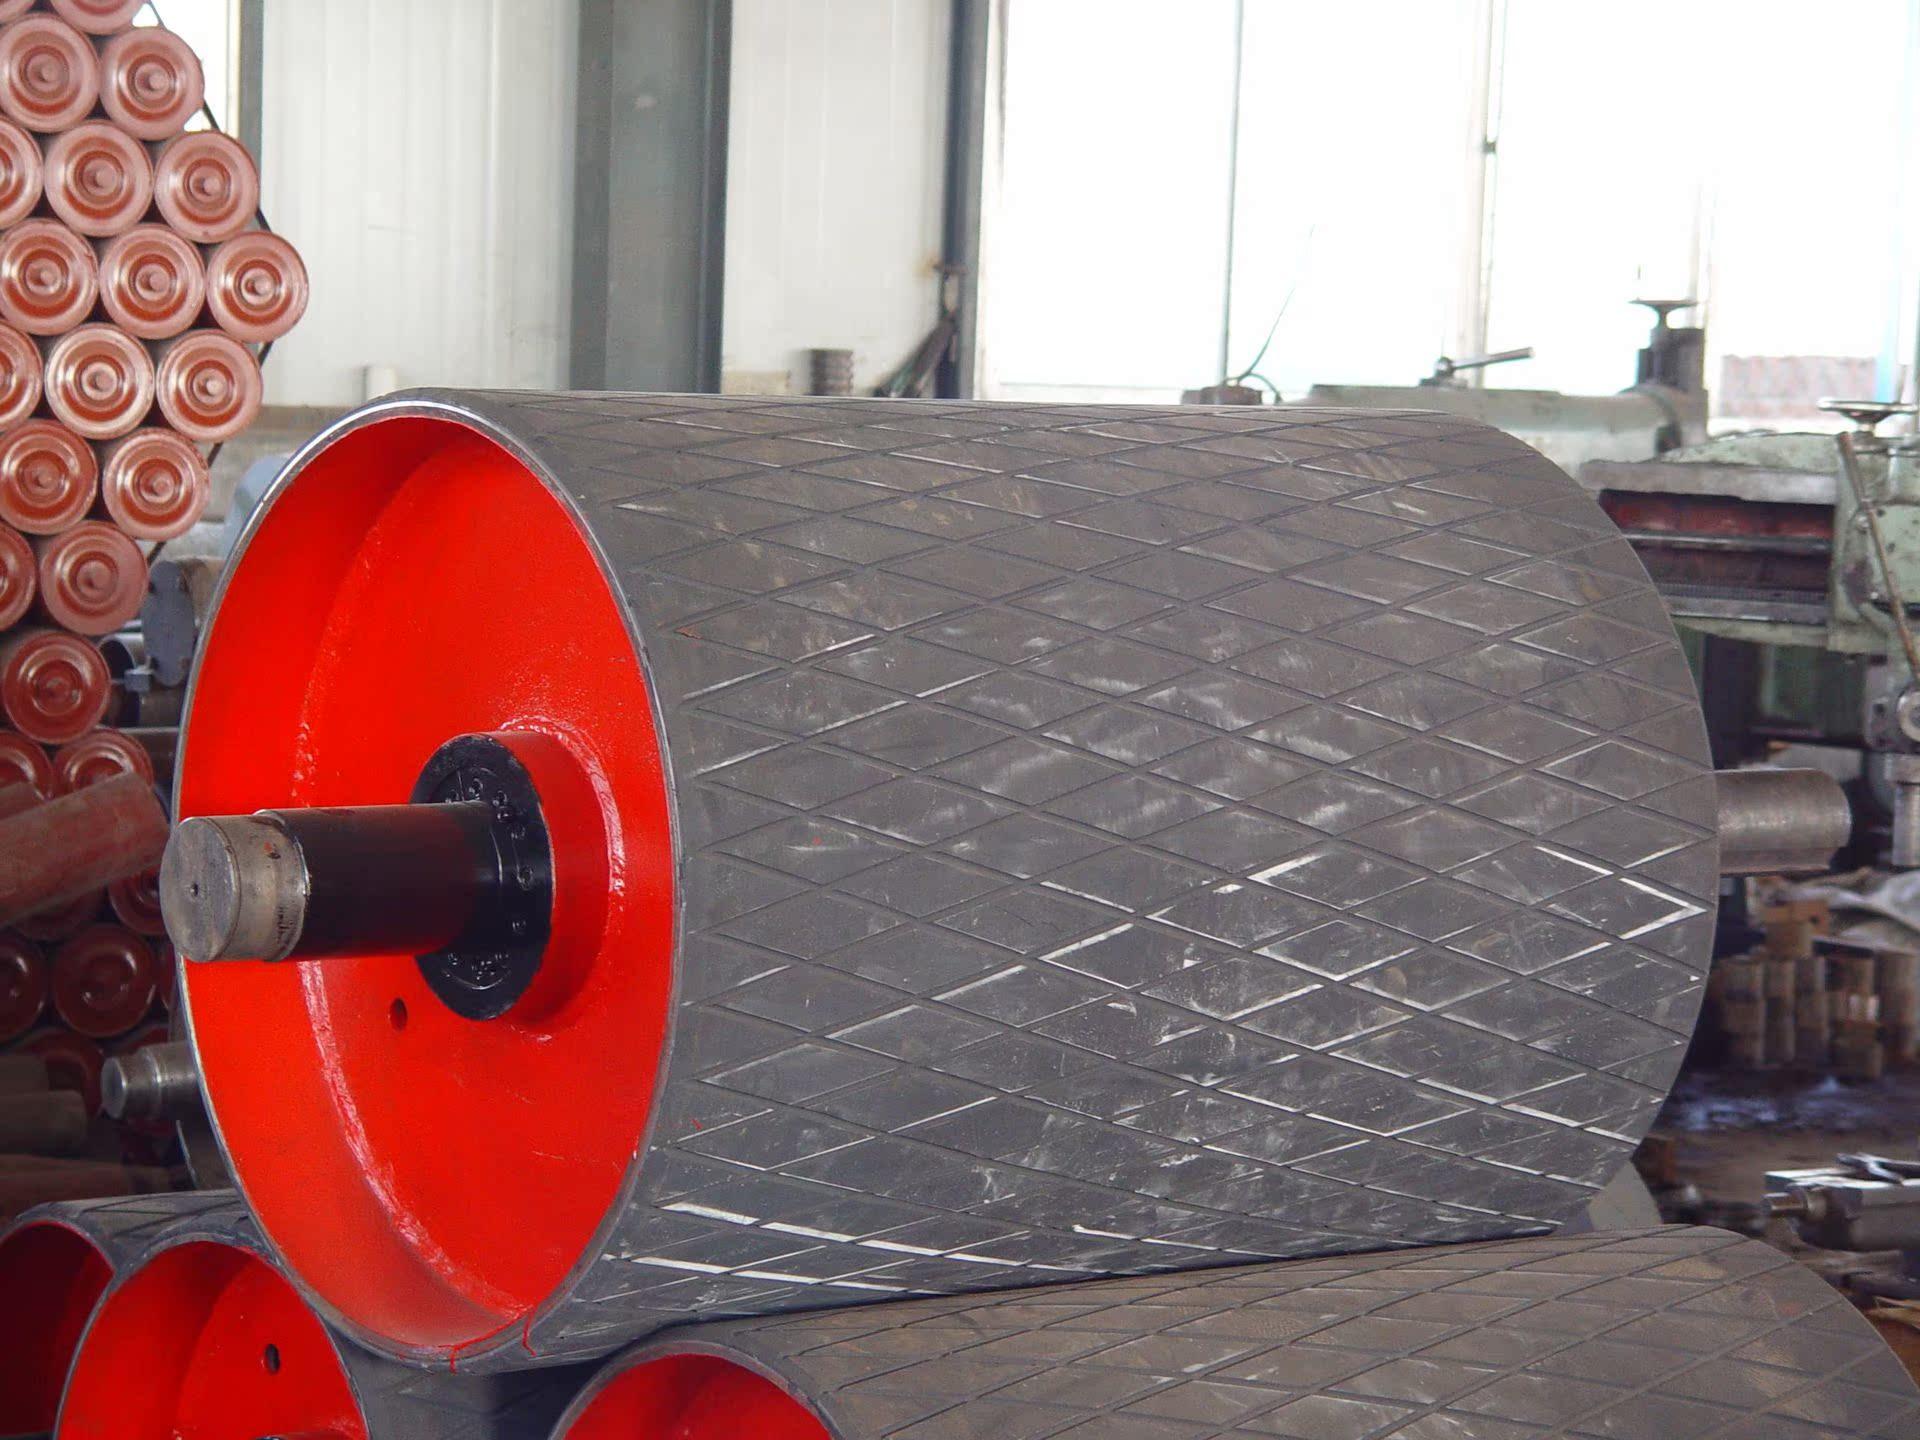 生产传动_电子制造设备配附件厂家生产传动连接套量大